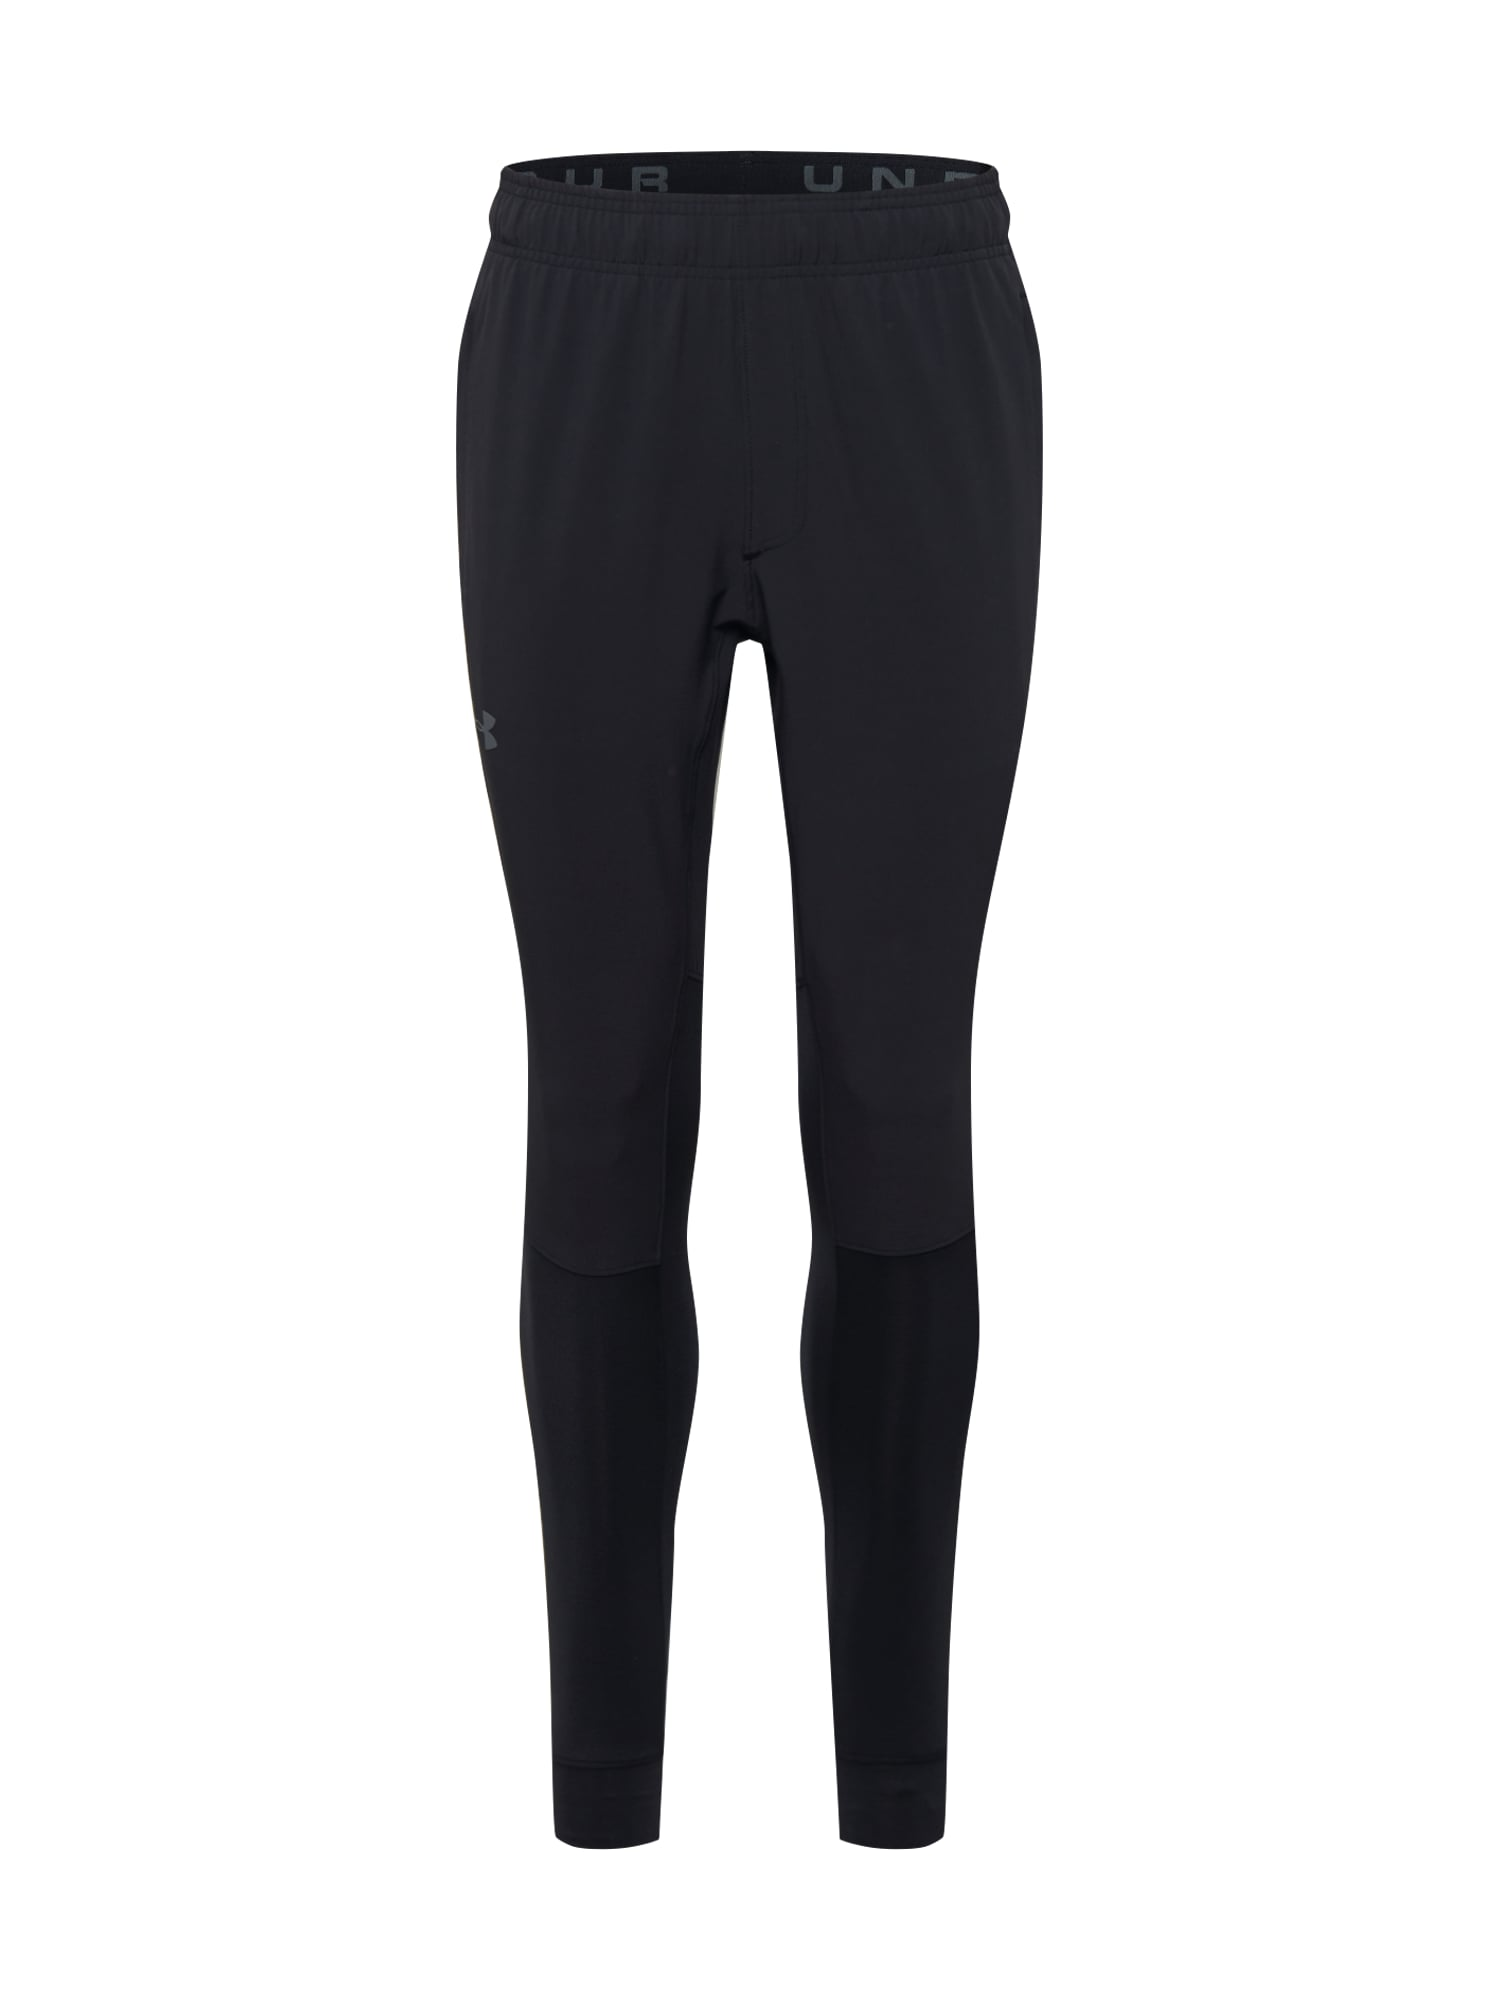 UNDER ARMOUR Sportovní kalhoty 'Hybrid'  černá